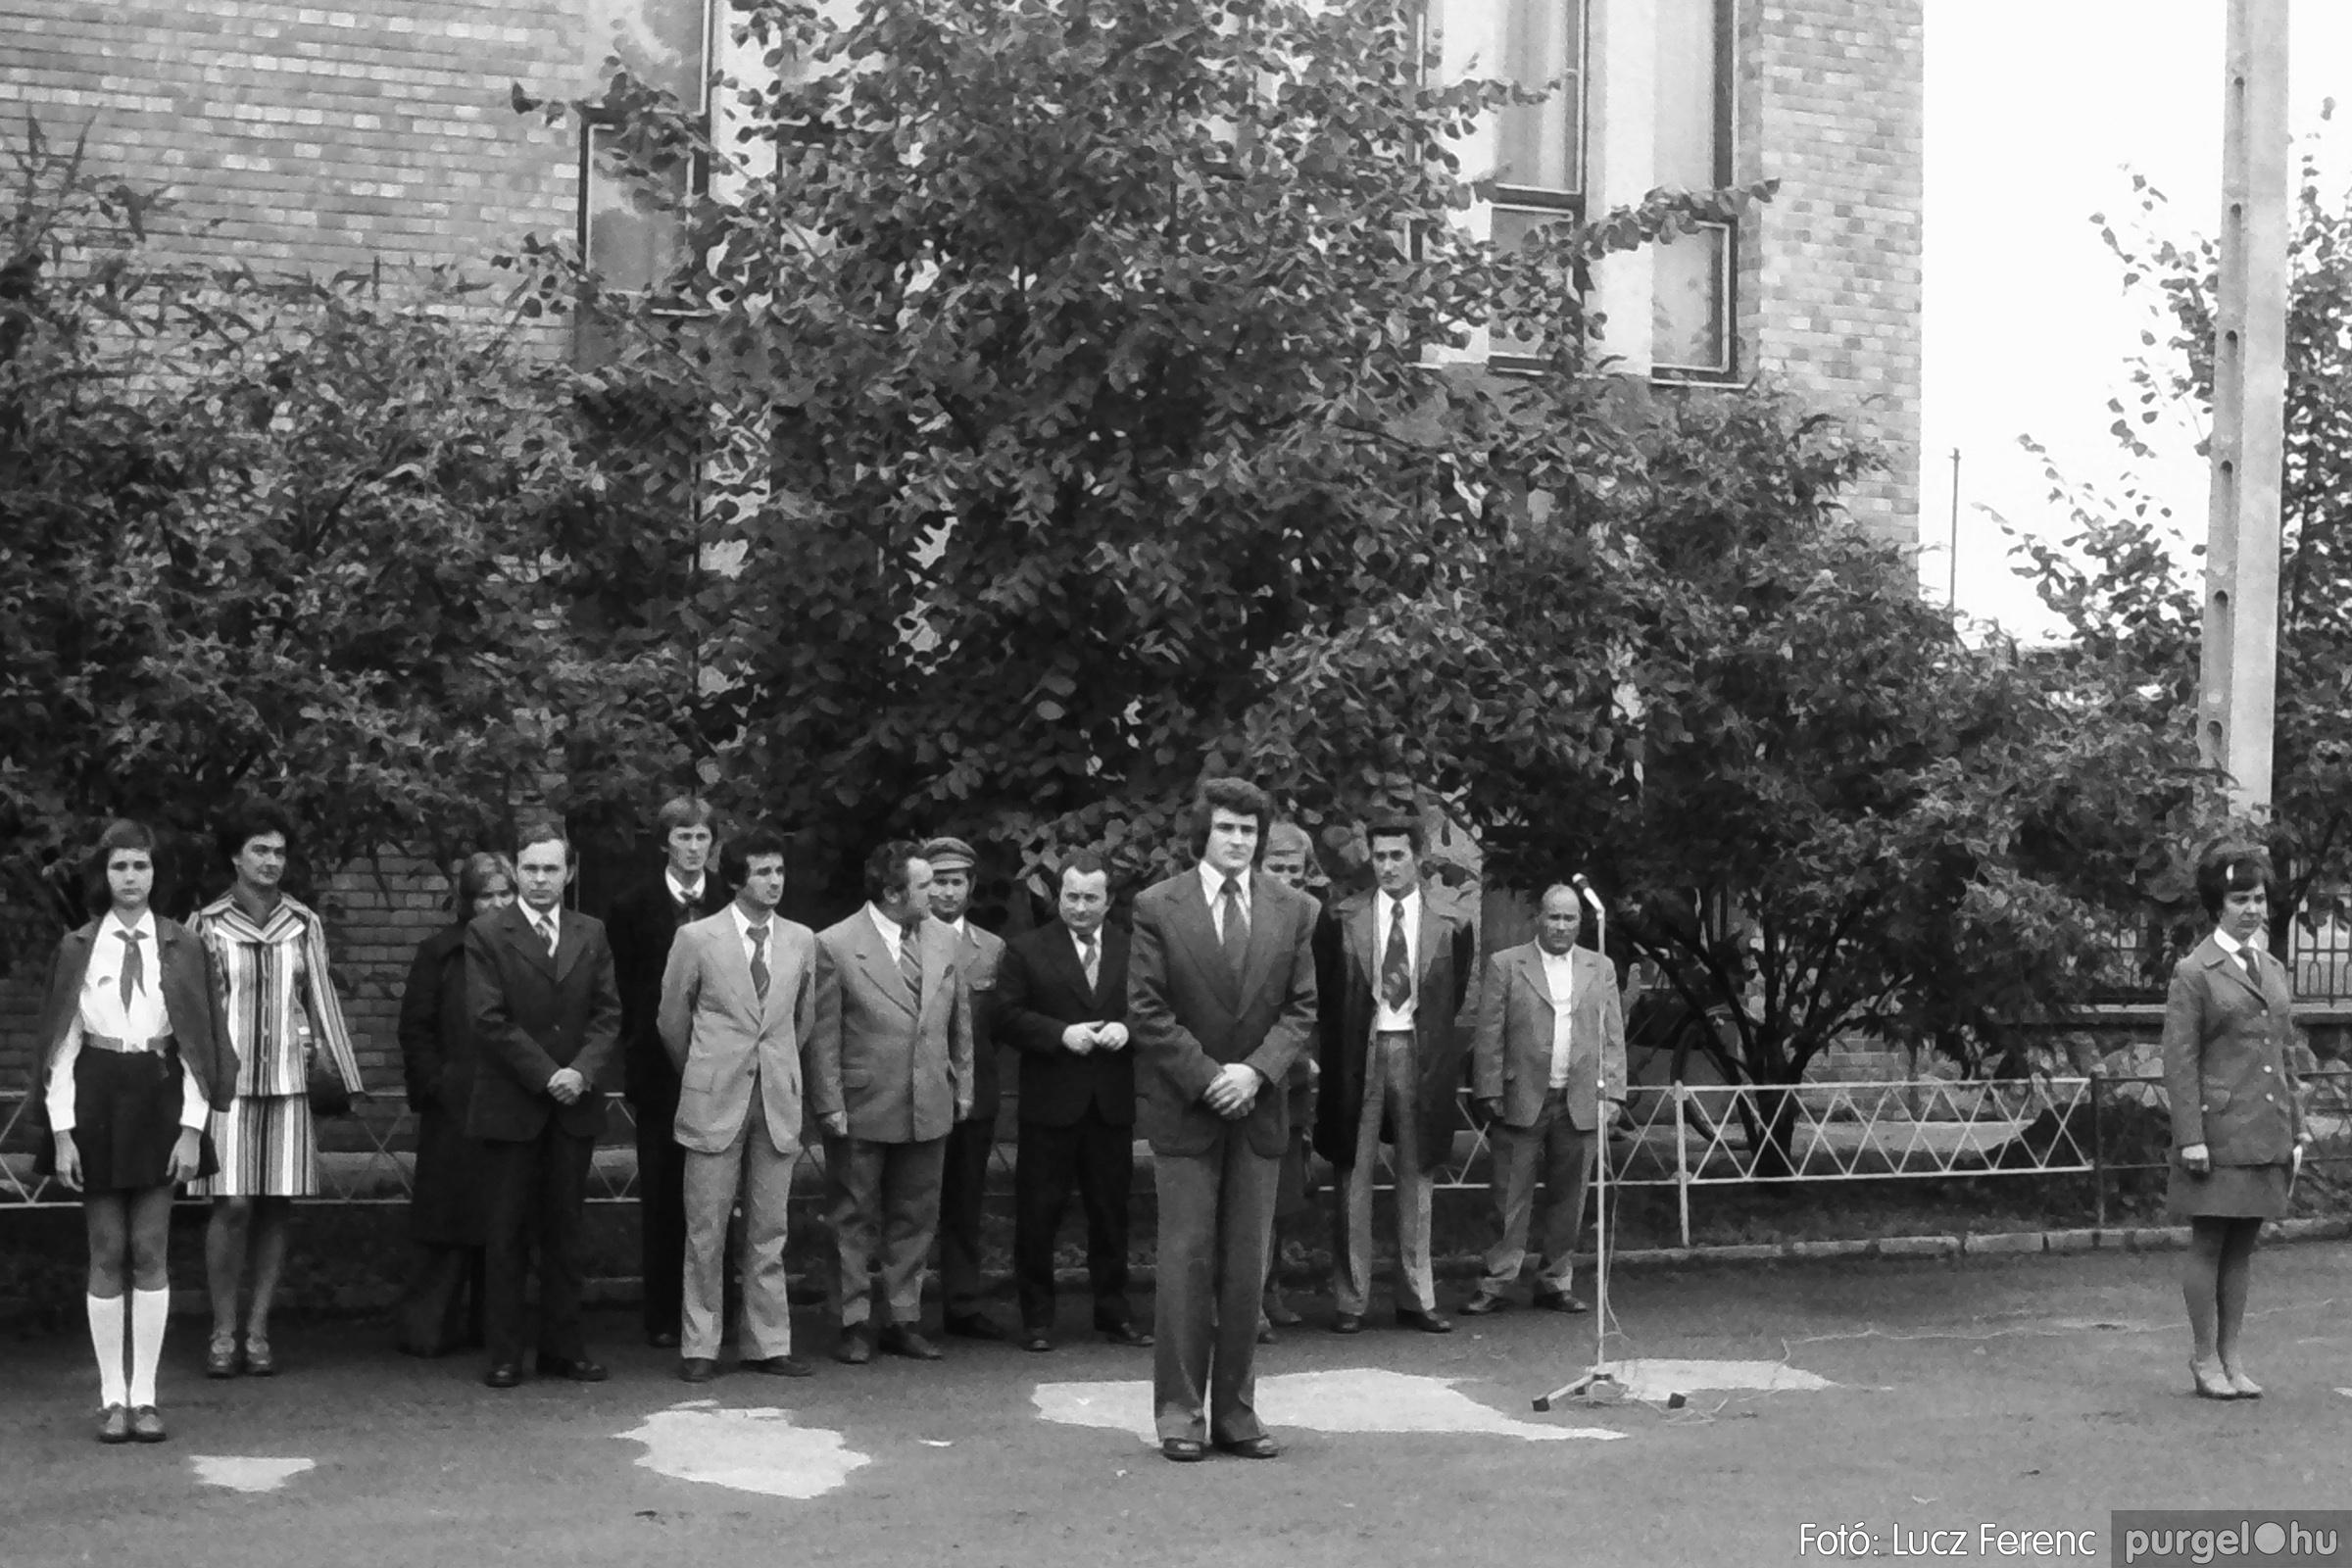 090. 1977. Úttörő gárda - ifjú gárda seregszemle 002. - Fotó: Lucz Ferenc.jpg